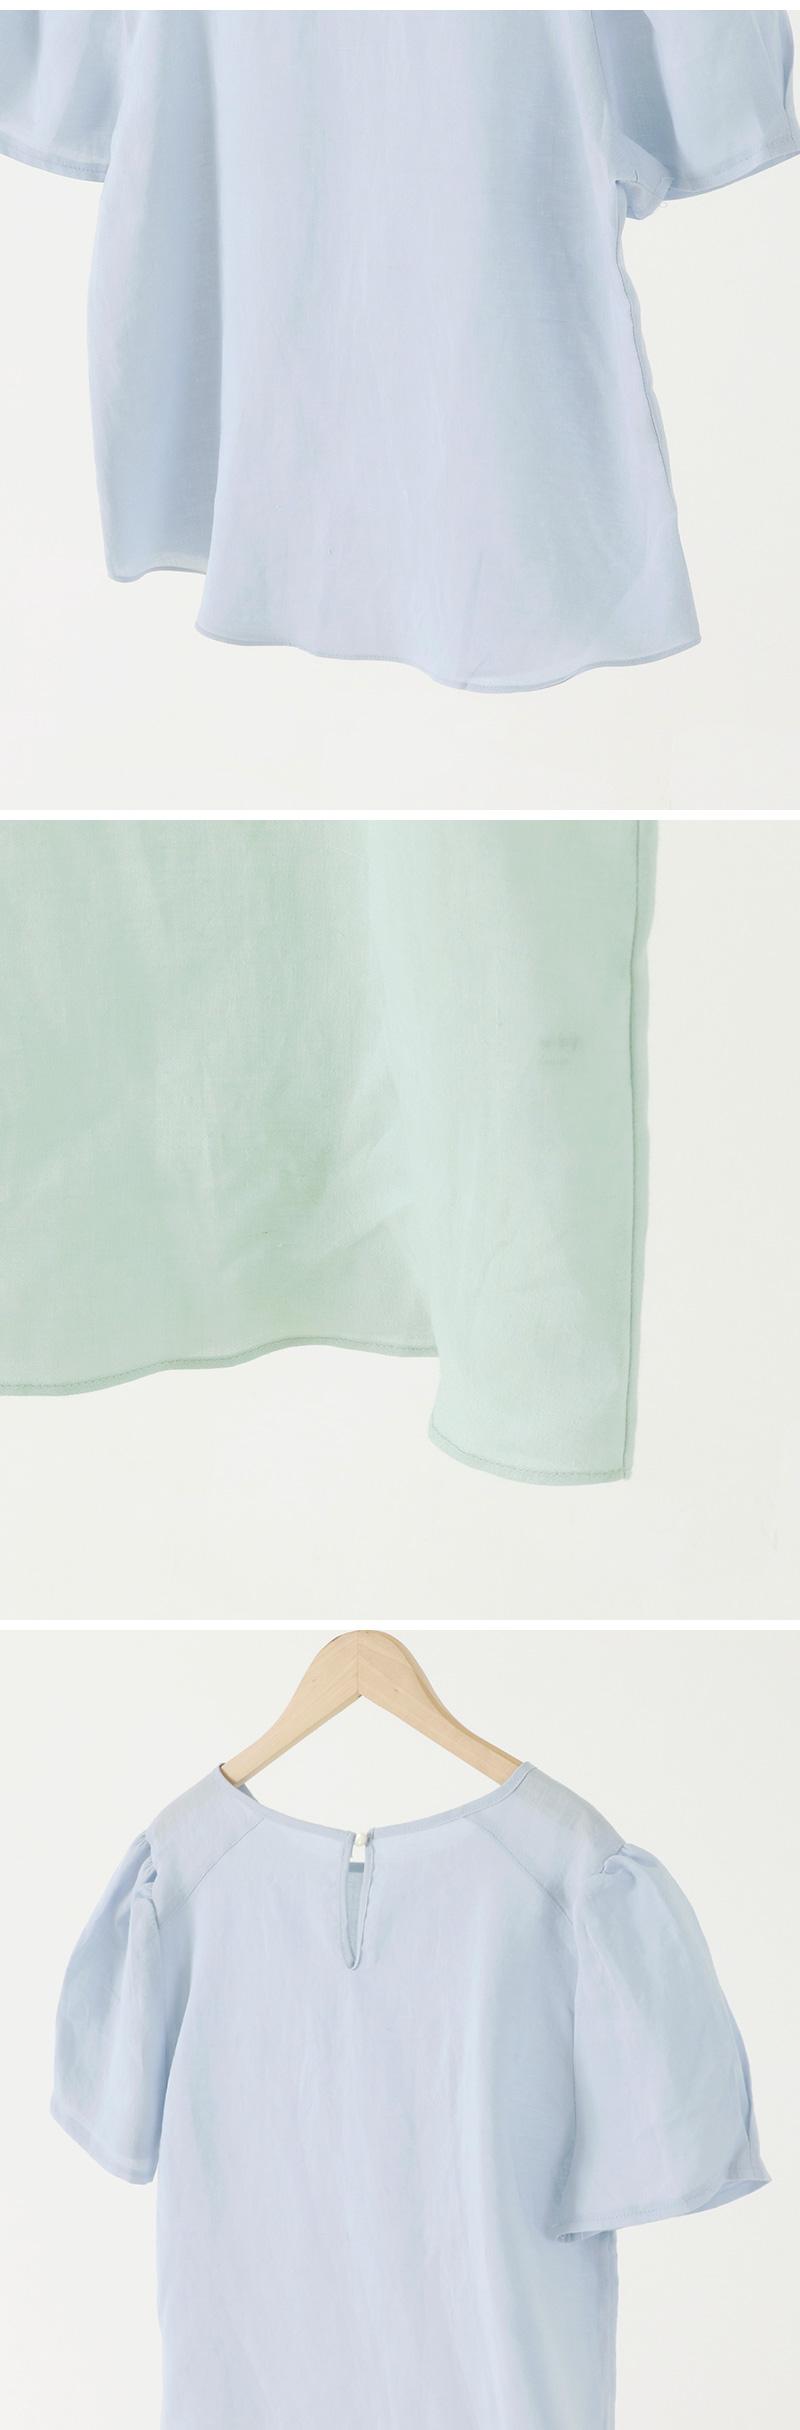 마일드 퍼프린넨블라우스 (5color)